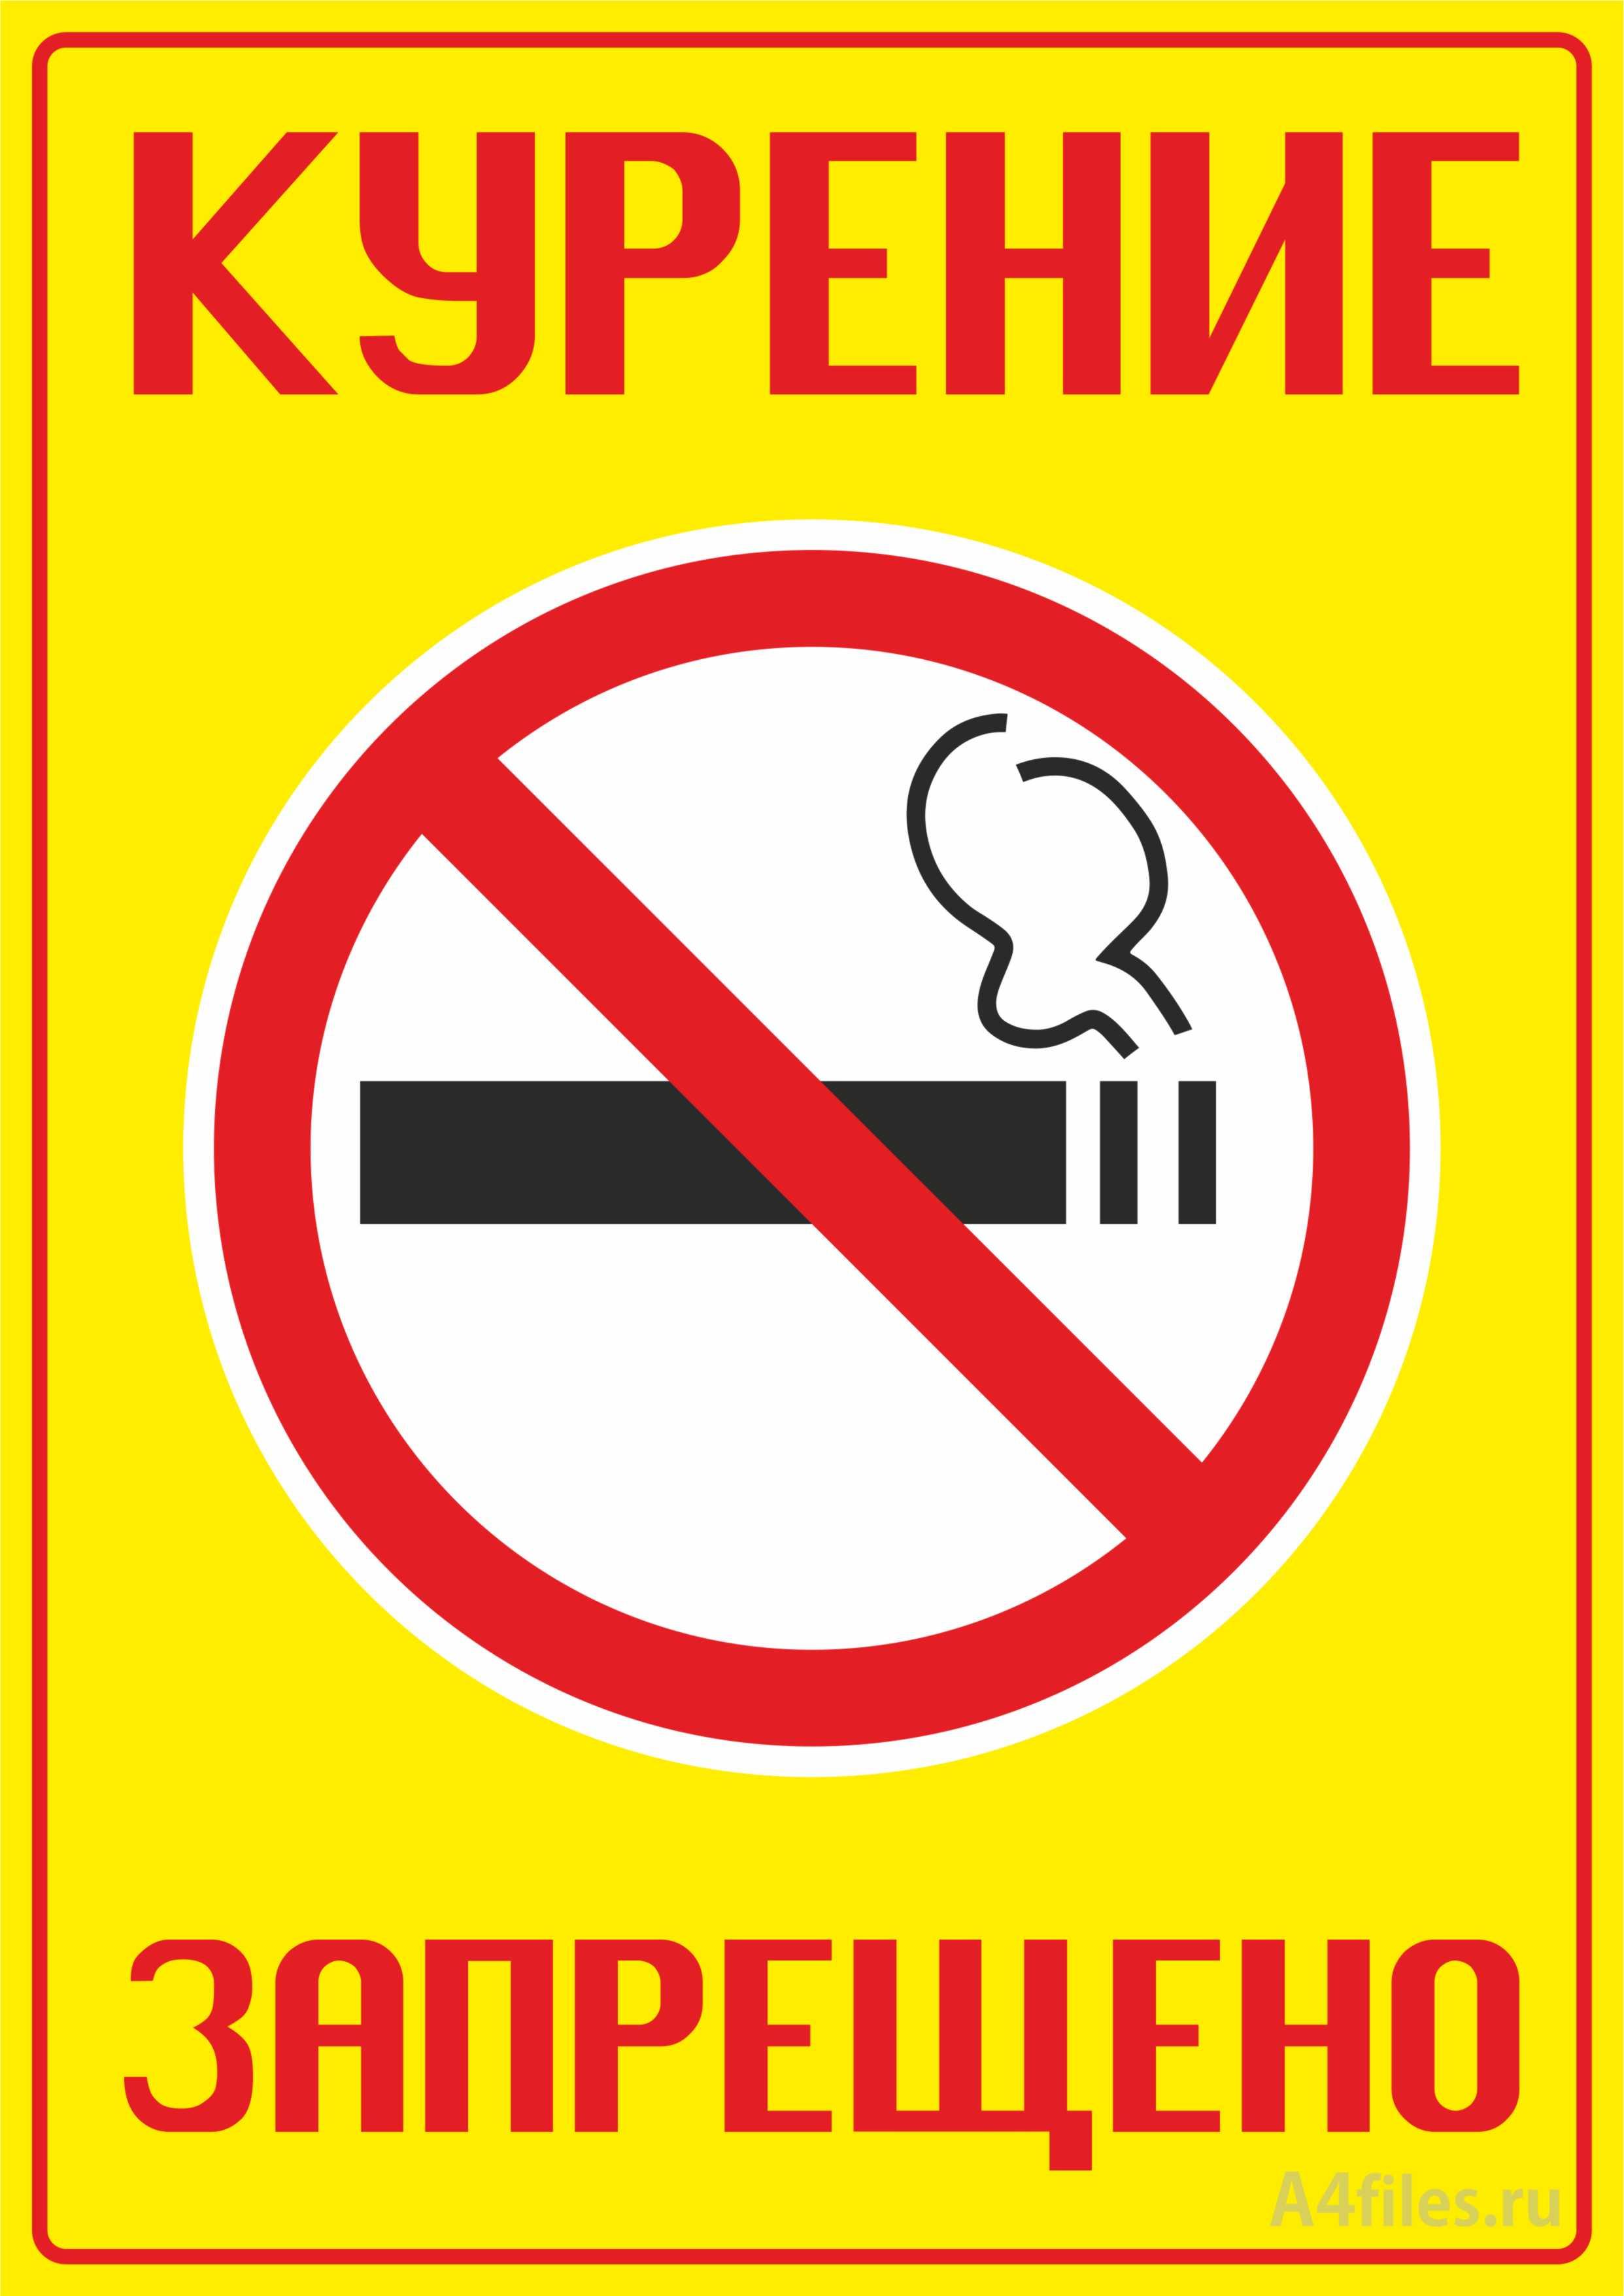 Прикольного лося, не курить надписи в картинках